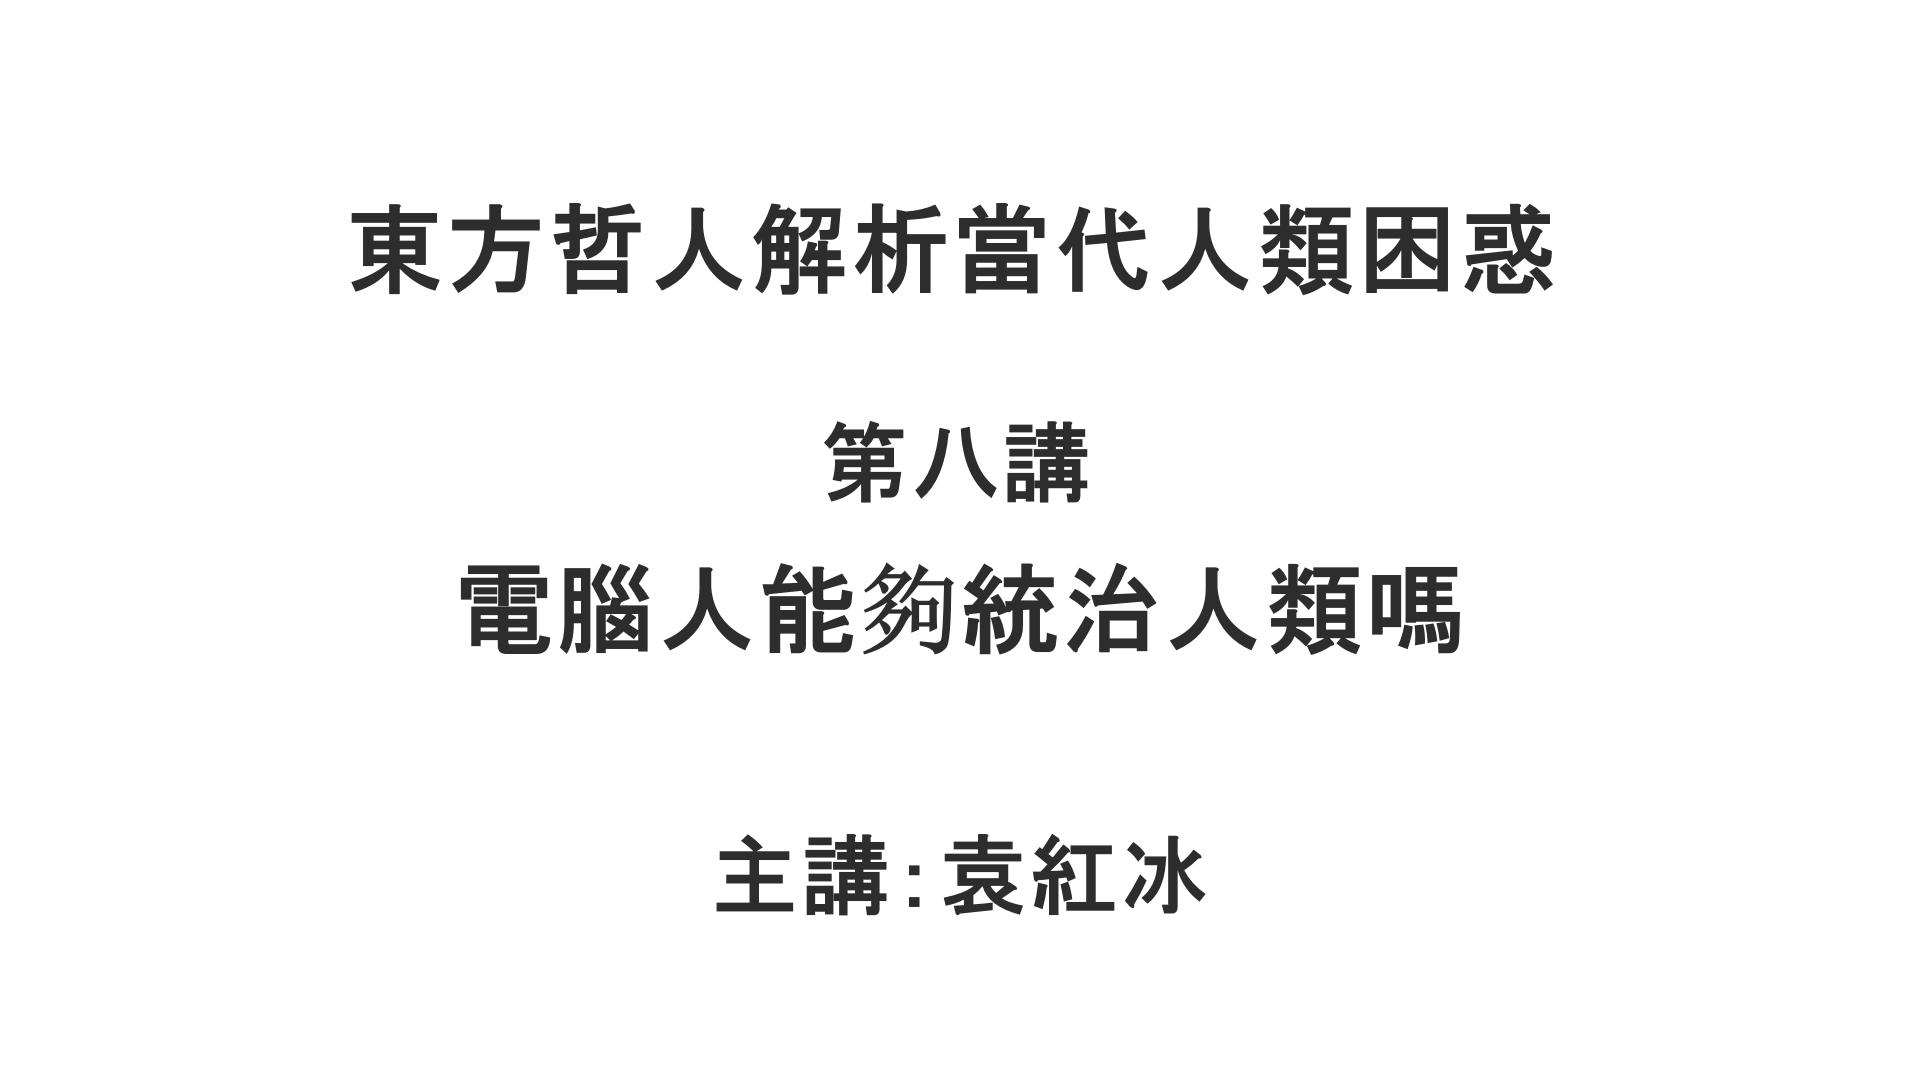 YuanHongBing-XingTan-4-8-03252021